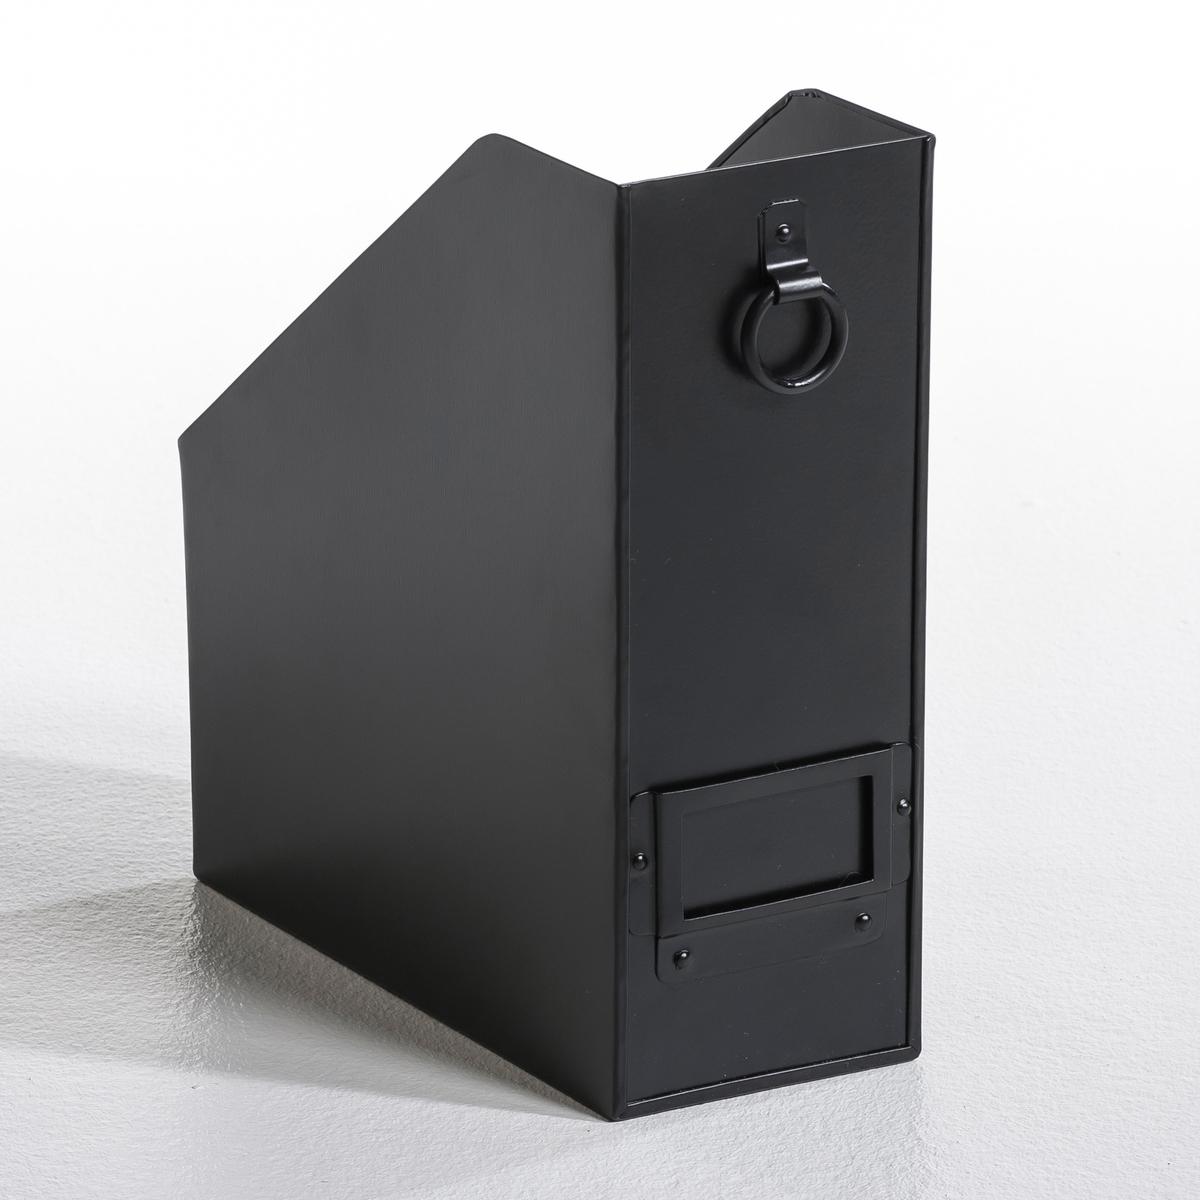 Подставка для папок металлическая HenryМеталлическая подставка для папок Henry. Вам больше не придется искать повсюду журналы и папки, если у Вас будет эта металлическая подставка с эпоксидным покрытием. Кольцо и держатель для бирки спереди. Разм. : Д10 x В28 x Ш25 см.<br><br>Цвет: серый,хаки,черный<br>Размер: единый размер